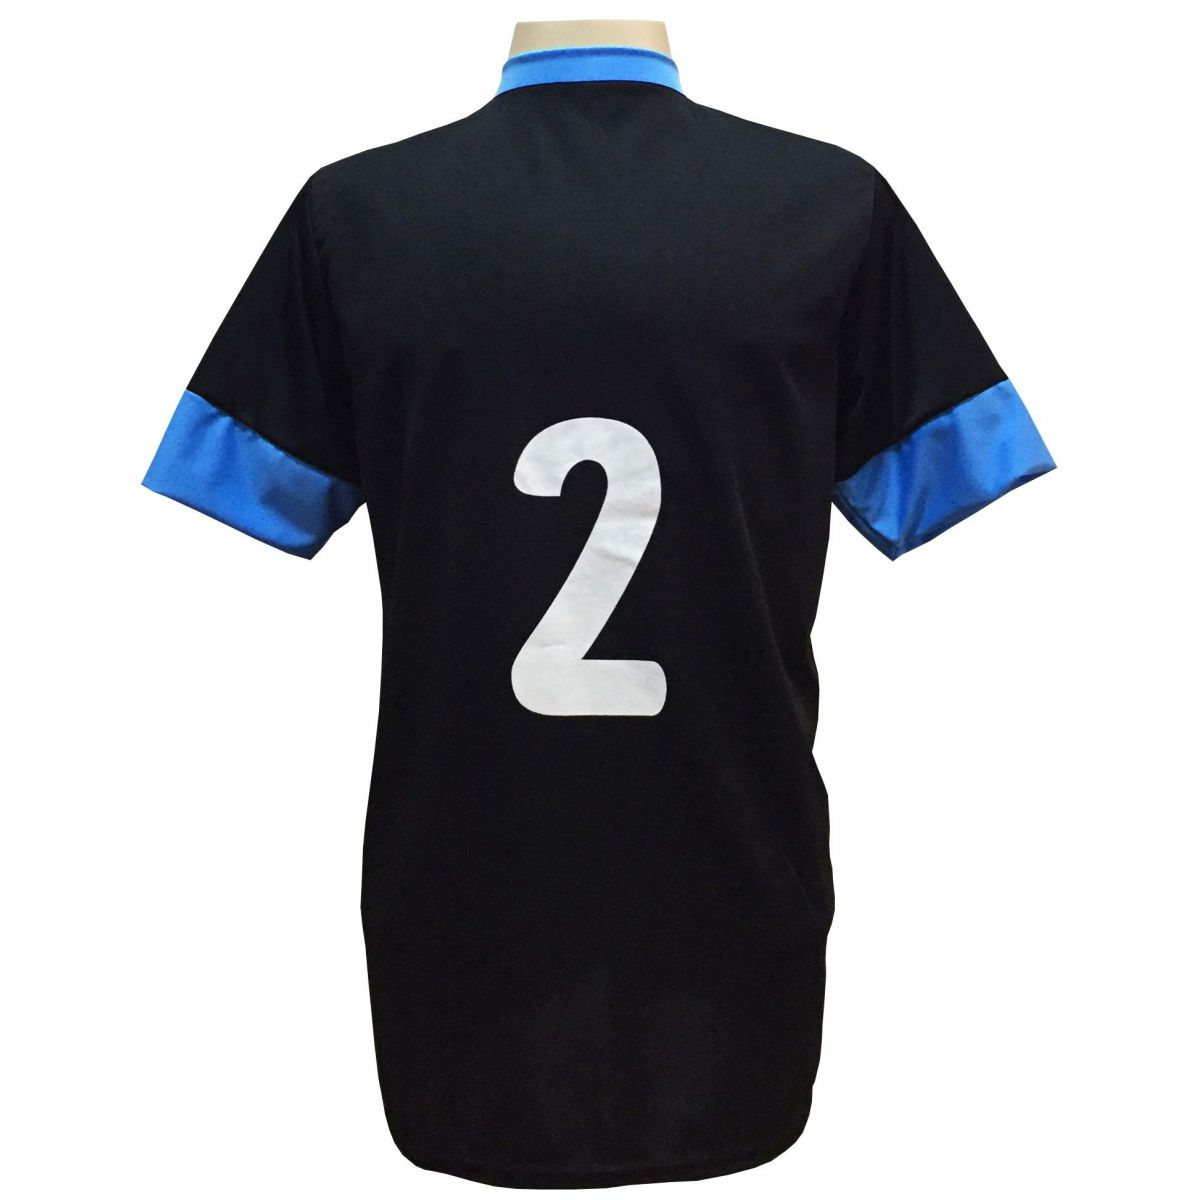 Jogo de Camisa com 18 unidades modelo Columbus Preto/Celeste + 1 Goleiro + Brindes